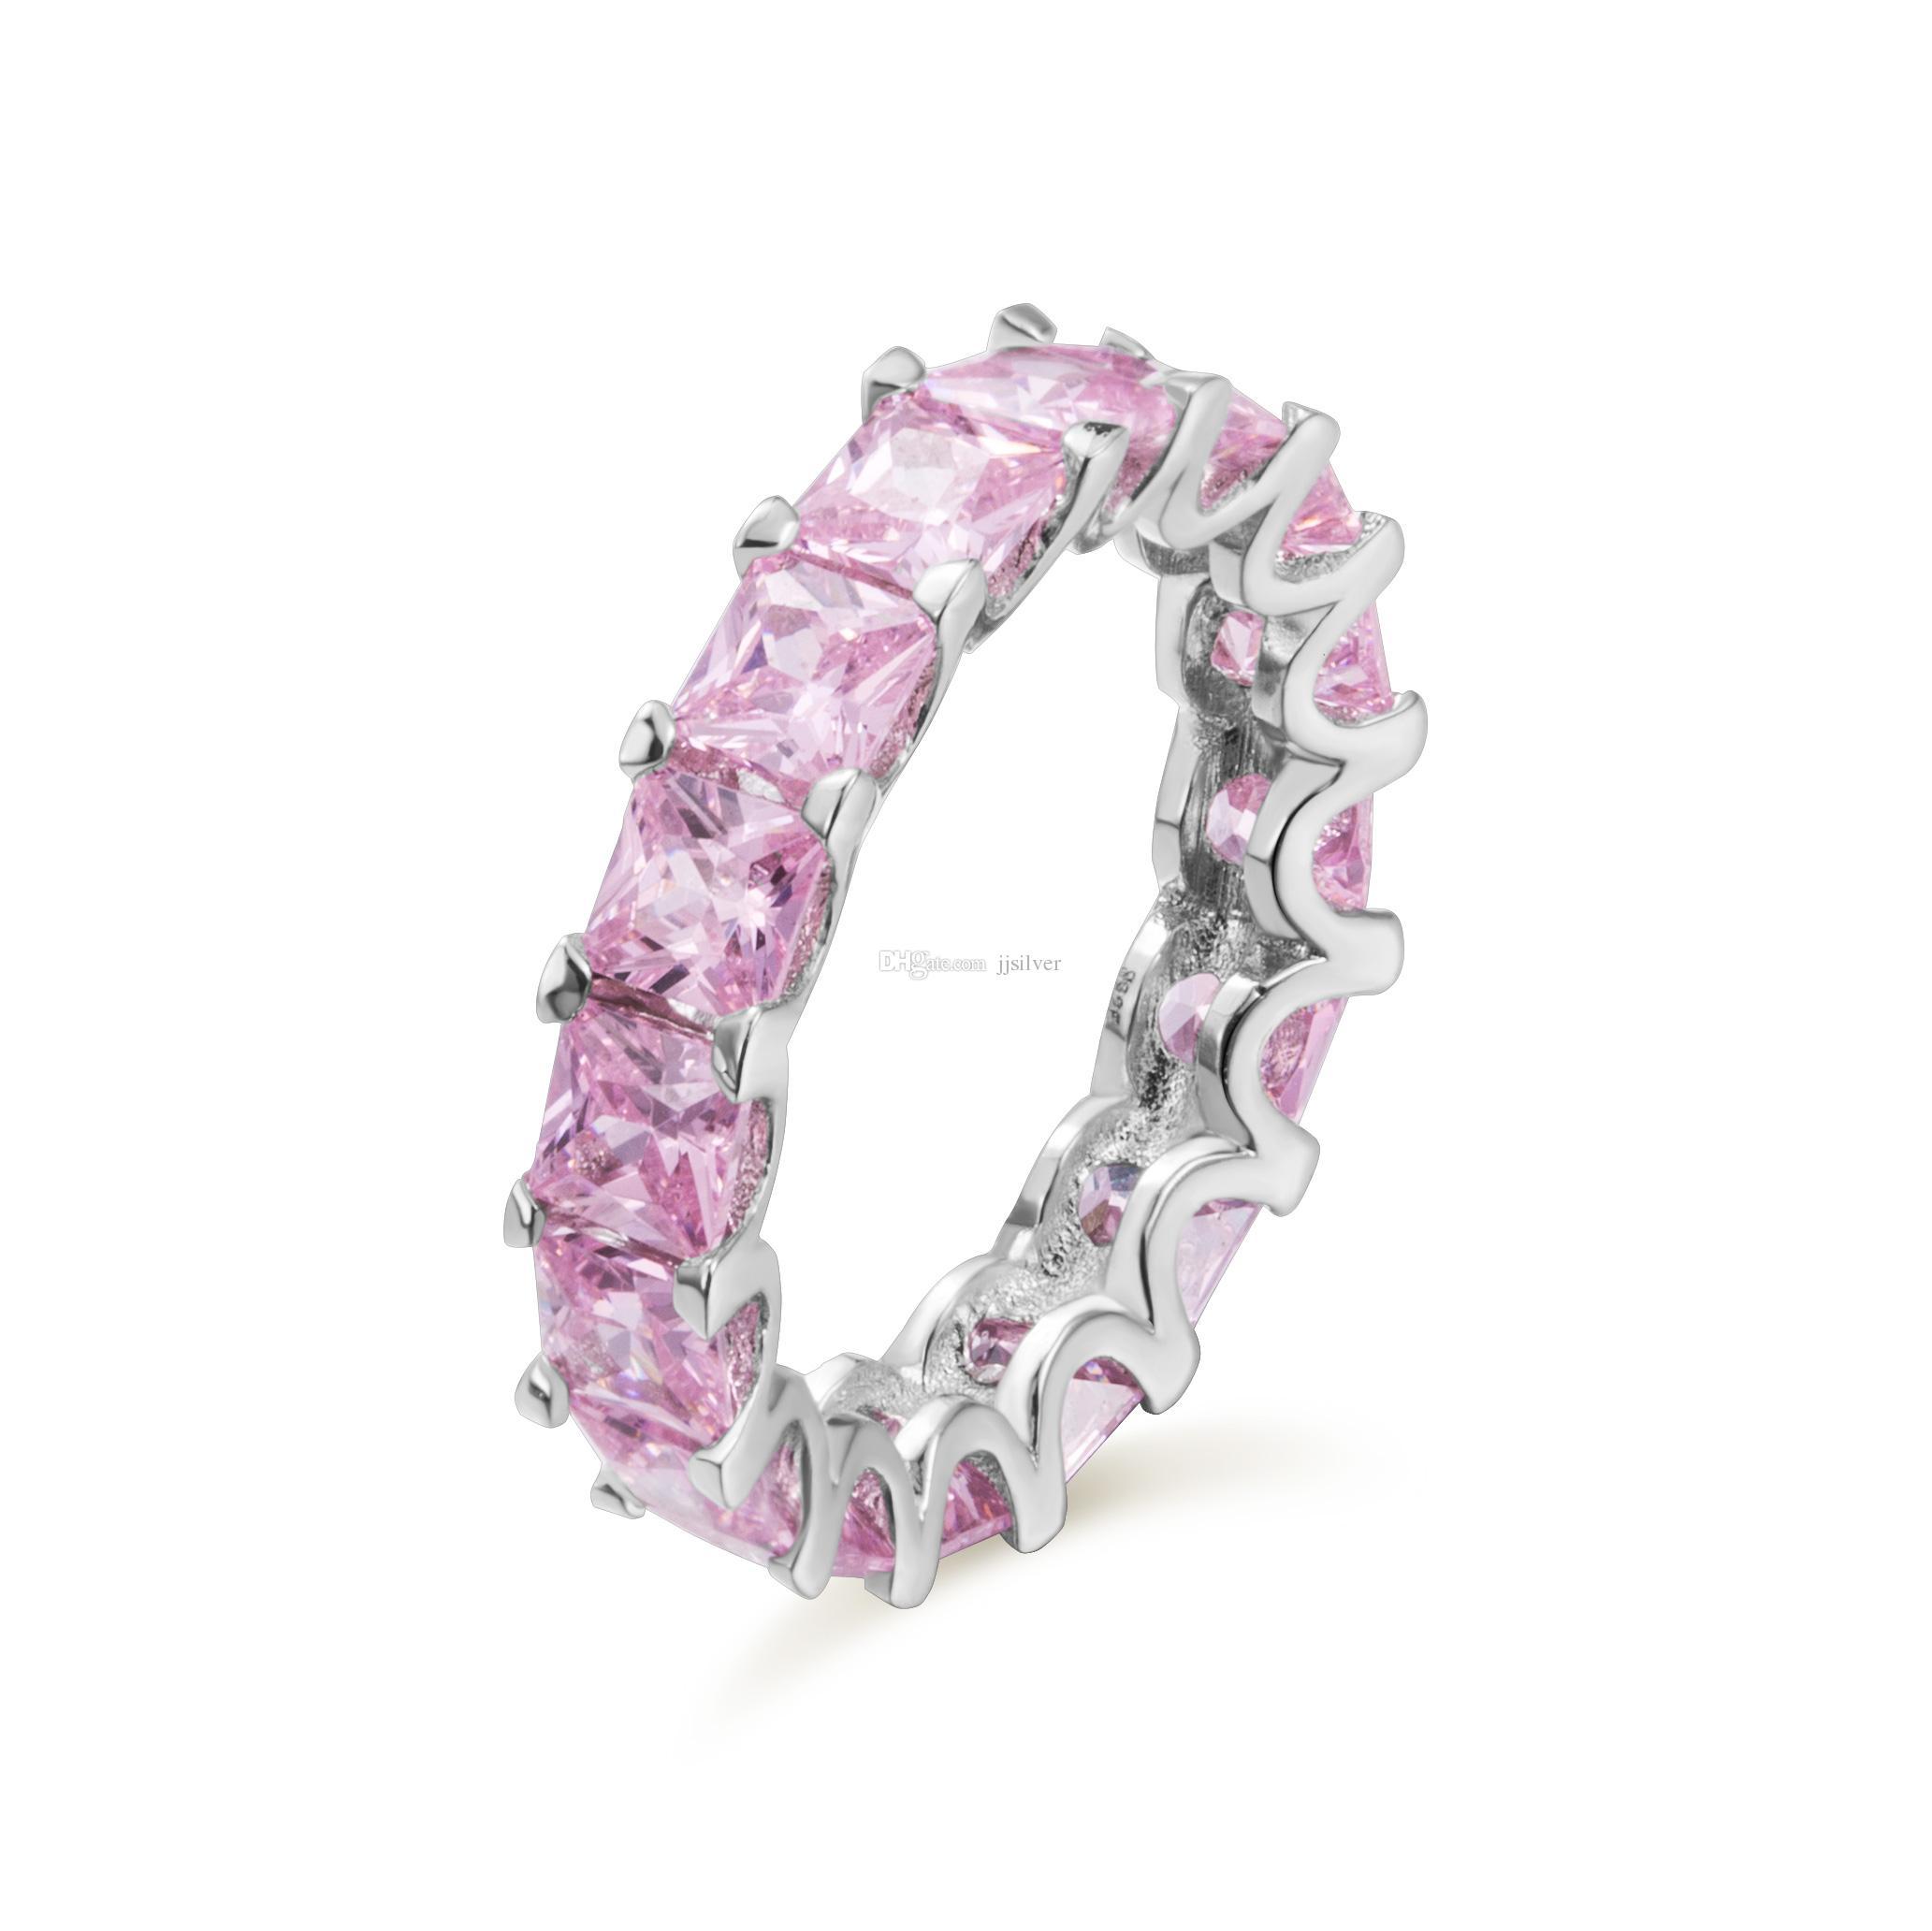 Moda takı 100% Yeni Marka Tasarım 18 K Beyaz Altın GF Swarovski Kristal Düğün Band Yüzük Sz 6-8 Hediye renk cz ile tüm satır